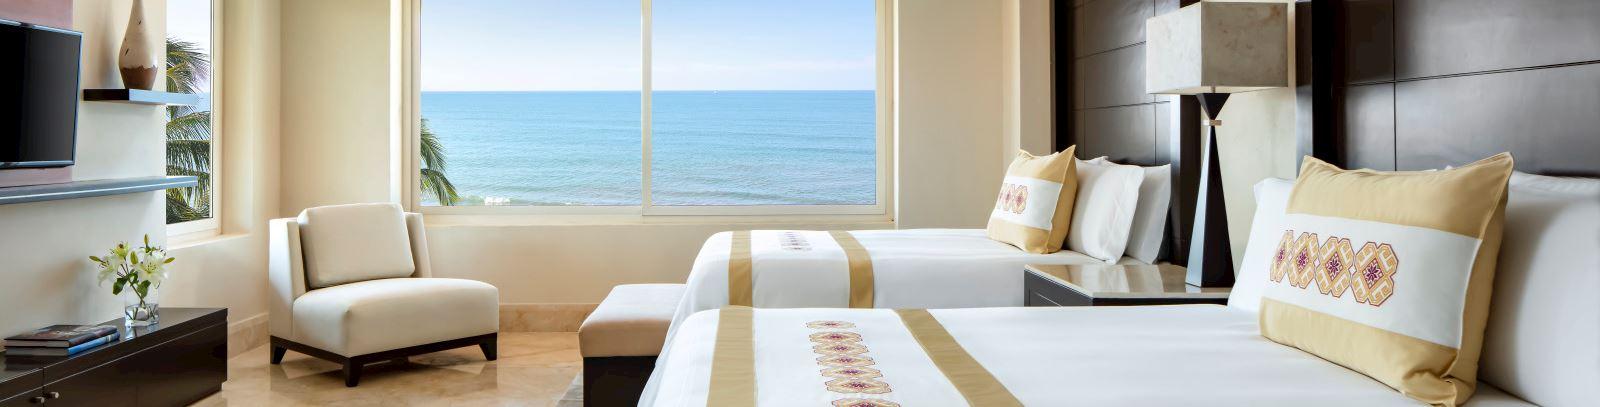 Grand Velas Riviera Nayarit offering Two Bedroom Presidential Suite